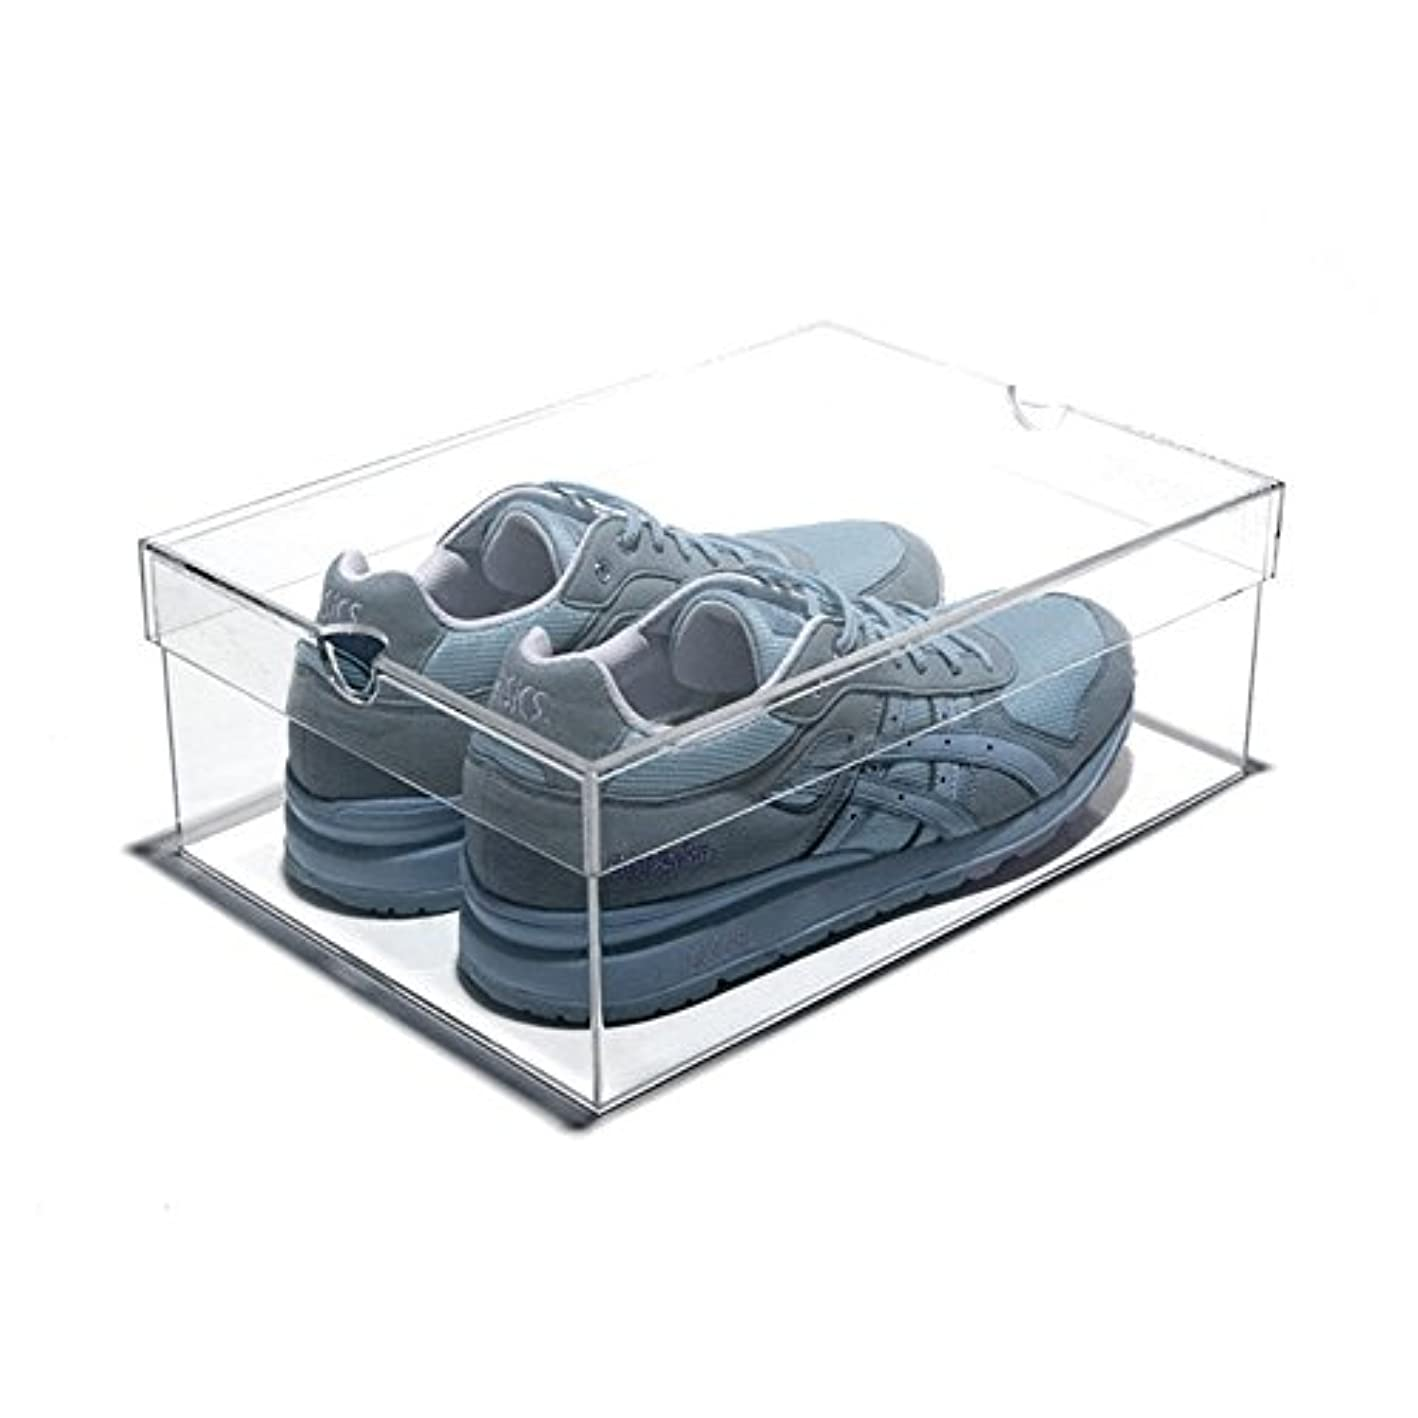 OnDisplay OD-SHOEBOXWOMEN Acrylic Shoebox, Medium, Clear